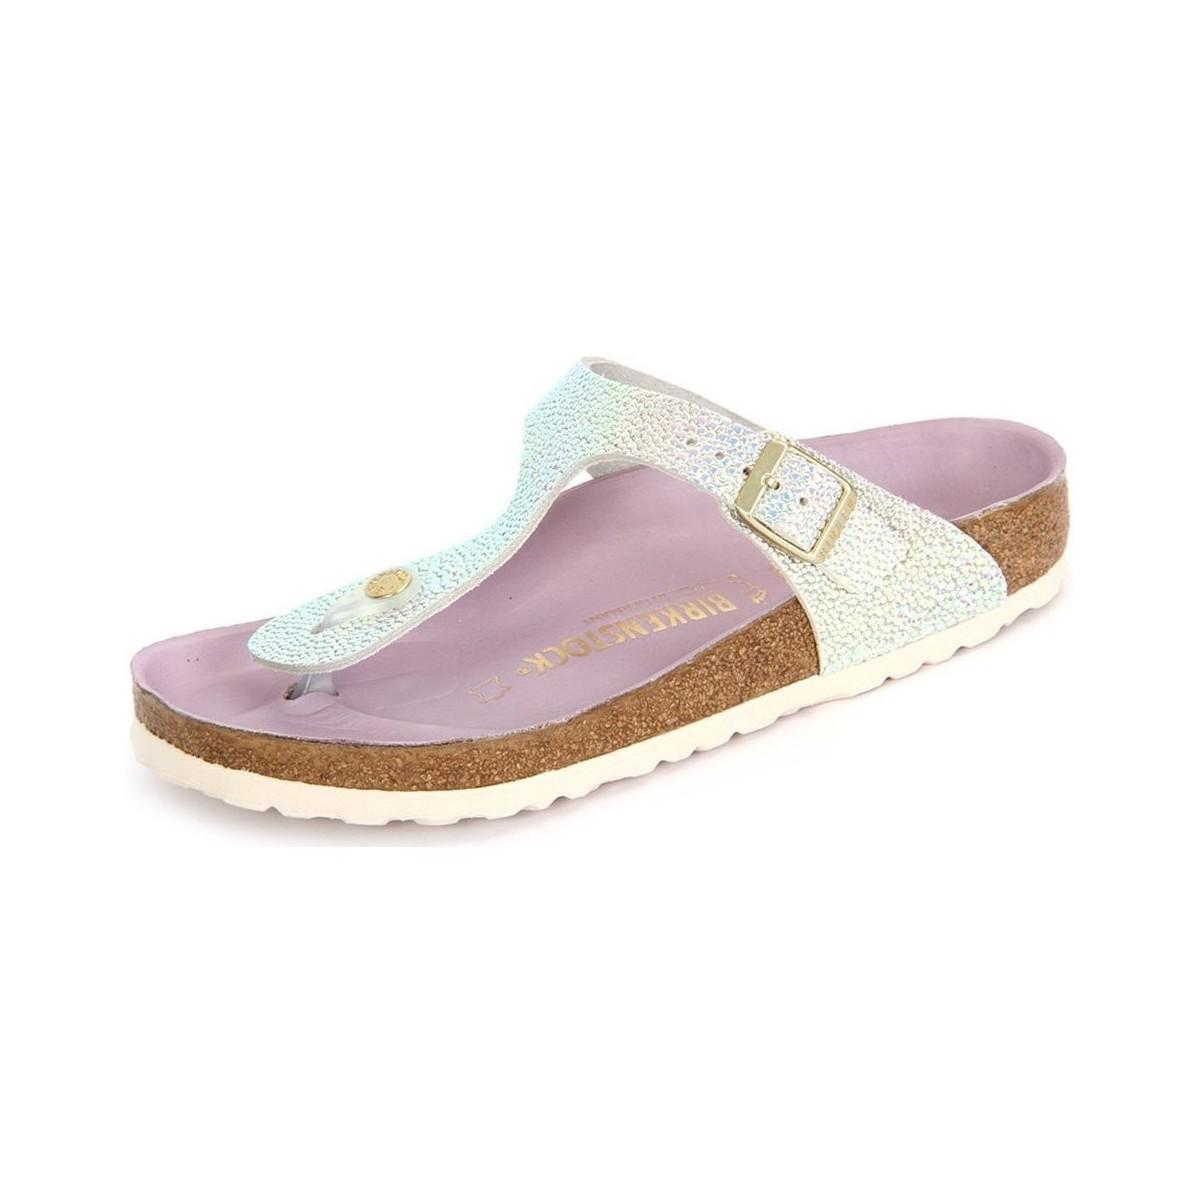 f61b5f83862ef3 Birkenstock Gizeh Silver Orchidee Ombre Pearls Women s Sandals In ...